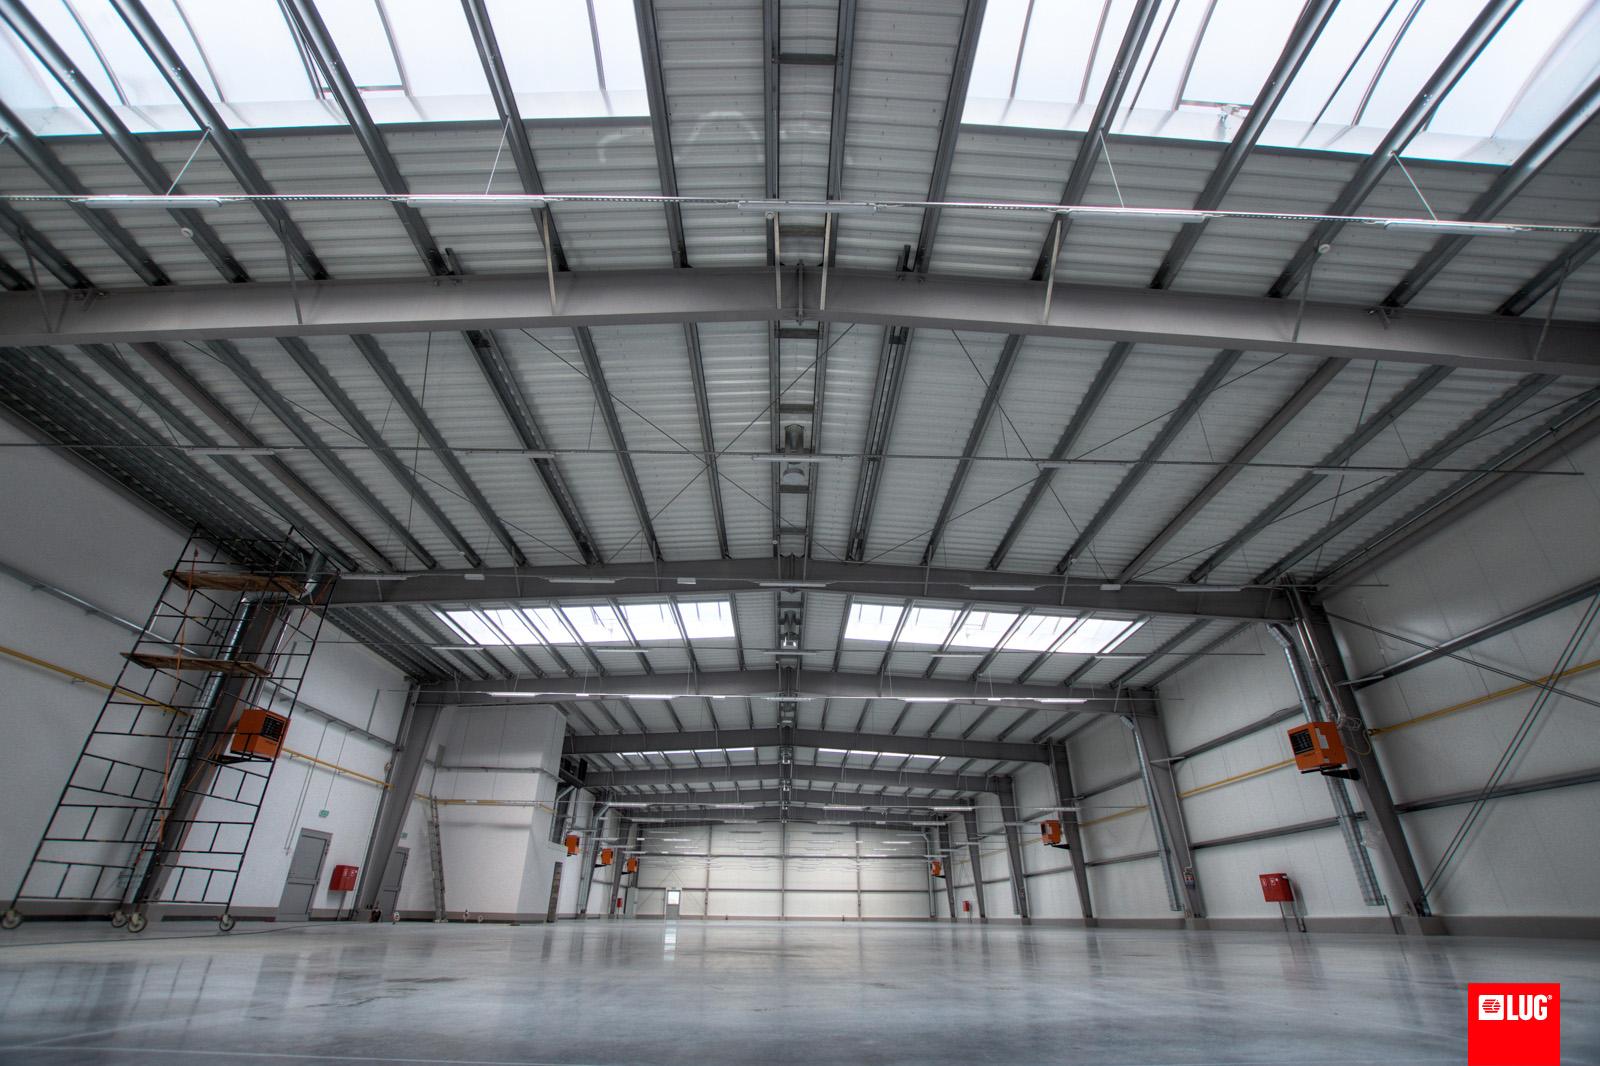 LUG wchodzi w końcową fazę budowy nowej fabryki opraw LED